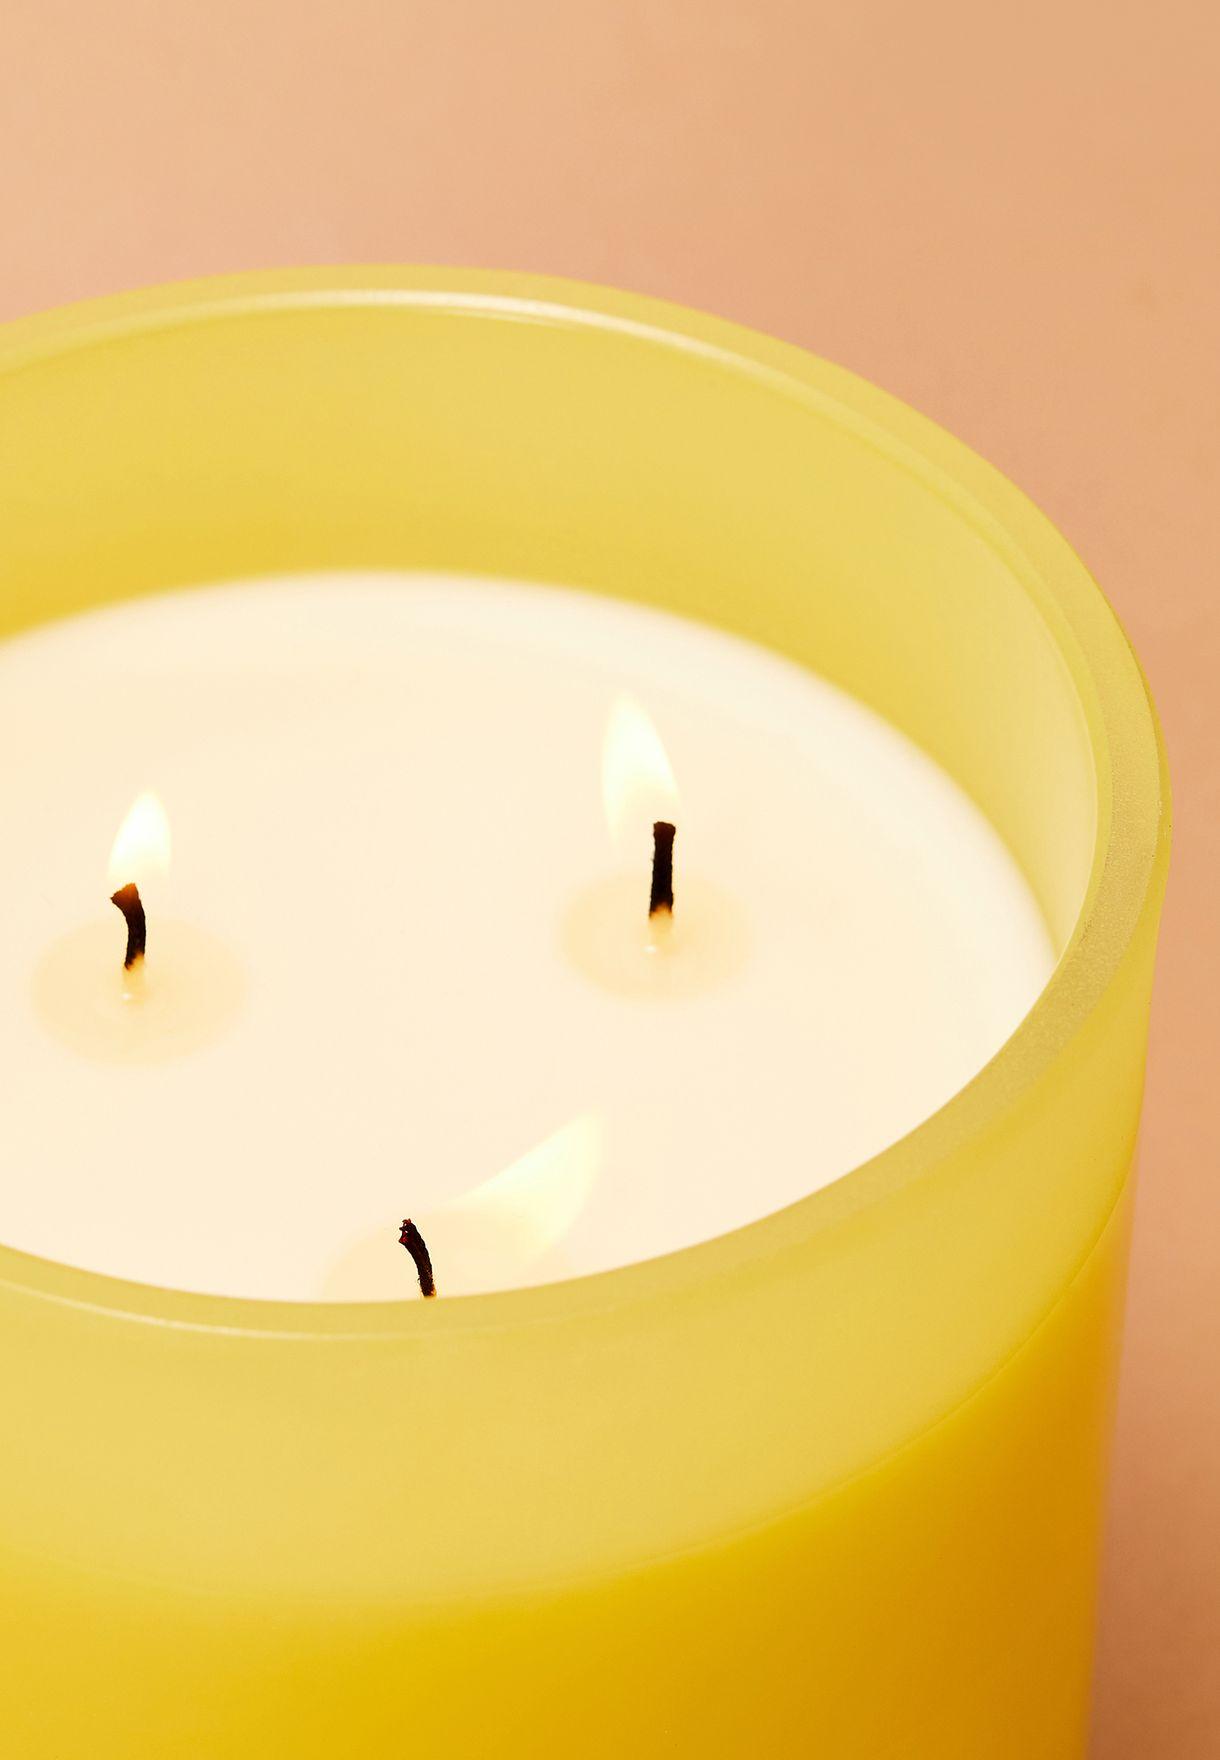 شمعة برائحة البرتقال والبرغموت بثلاث فتائل